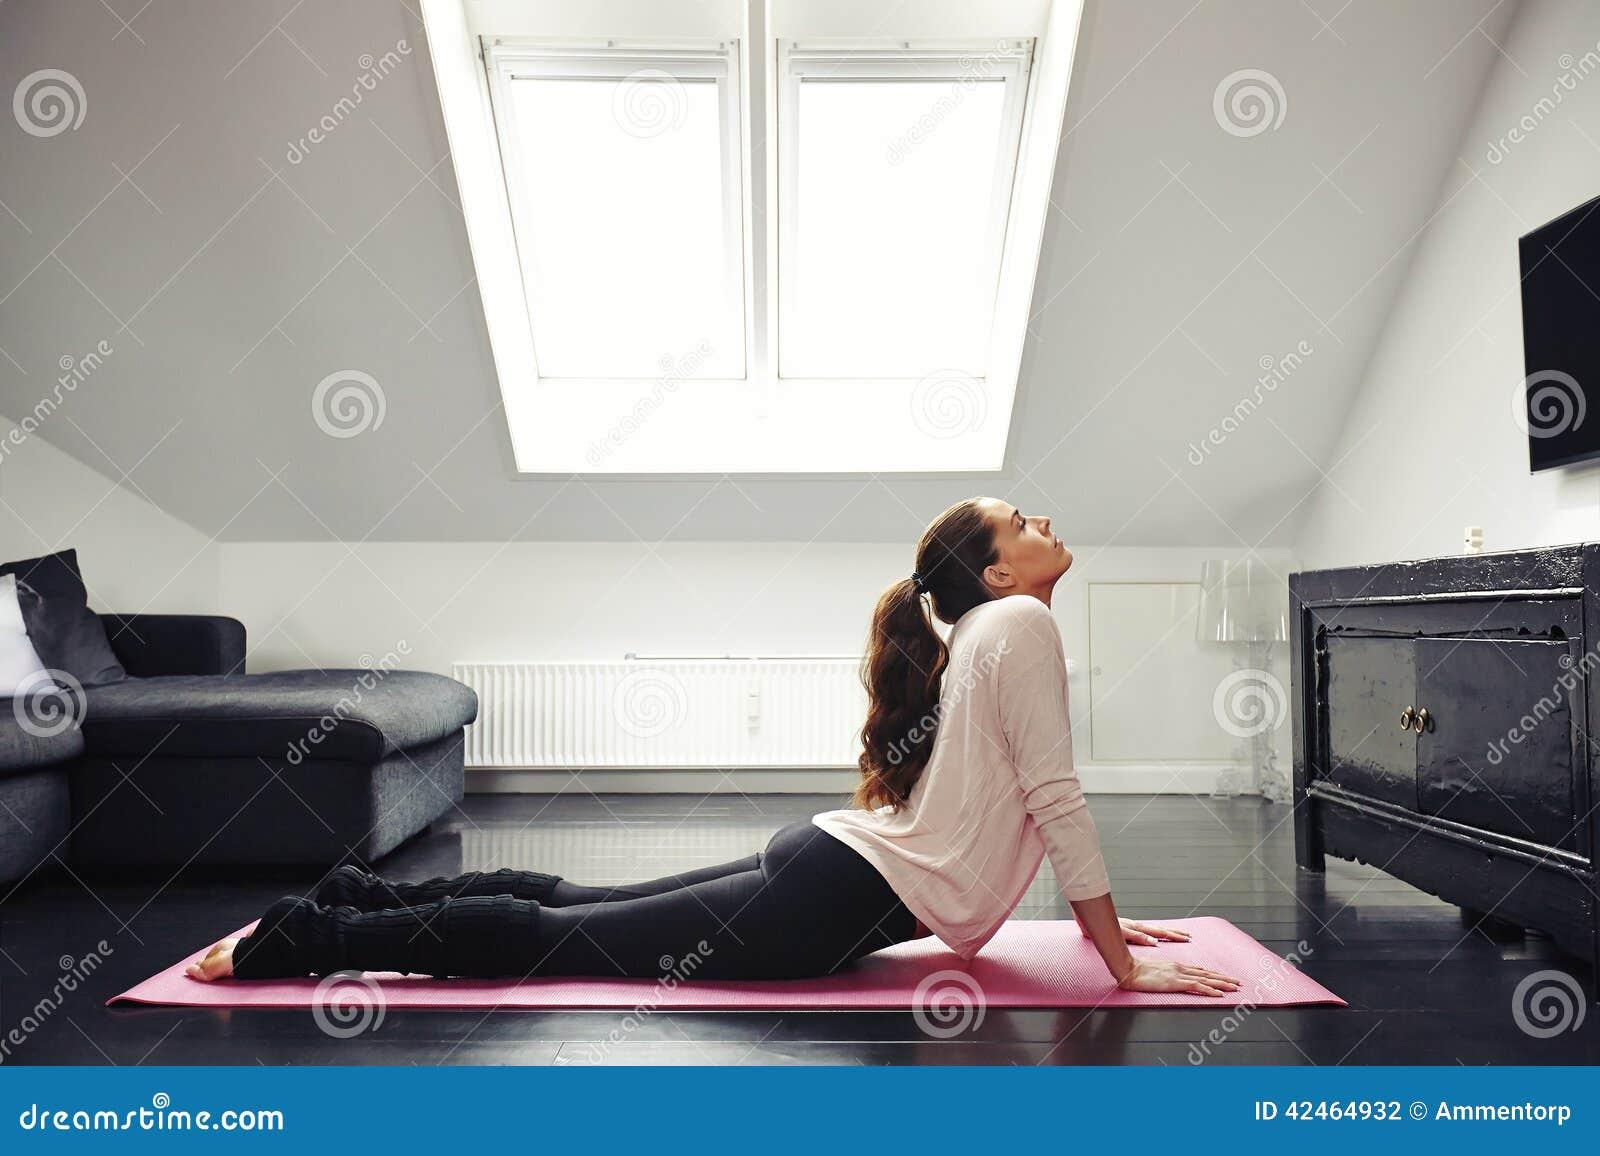 Junge Frau, die auf Boden trainiert